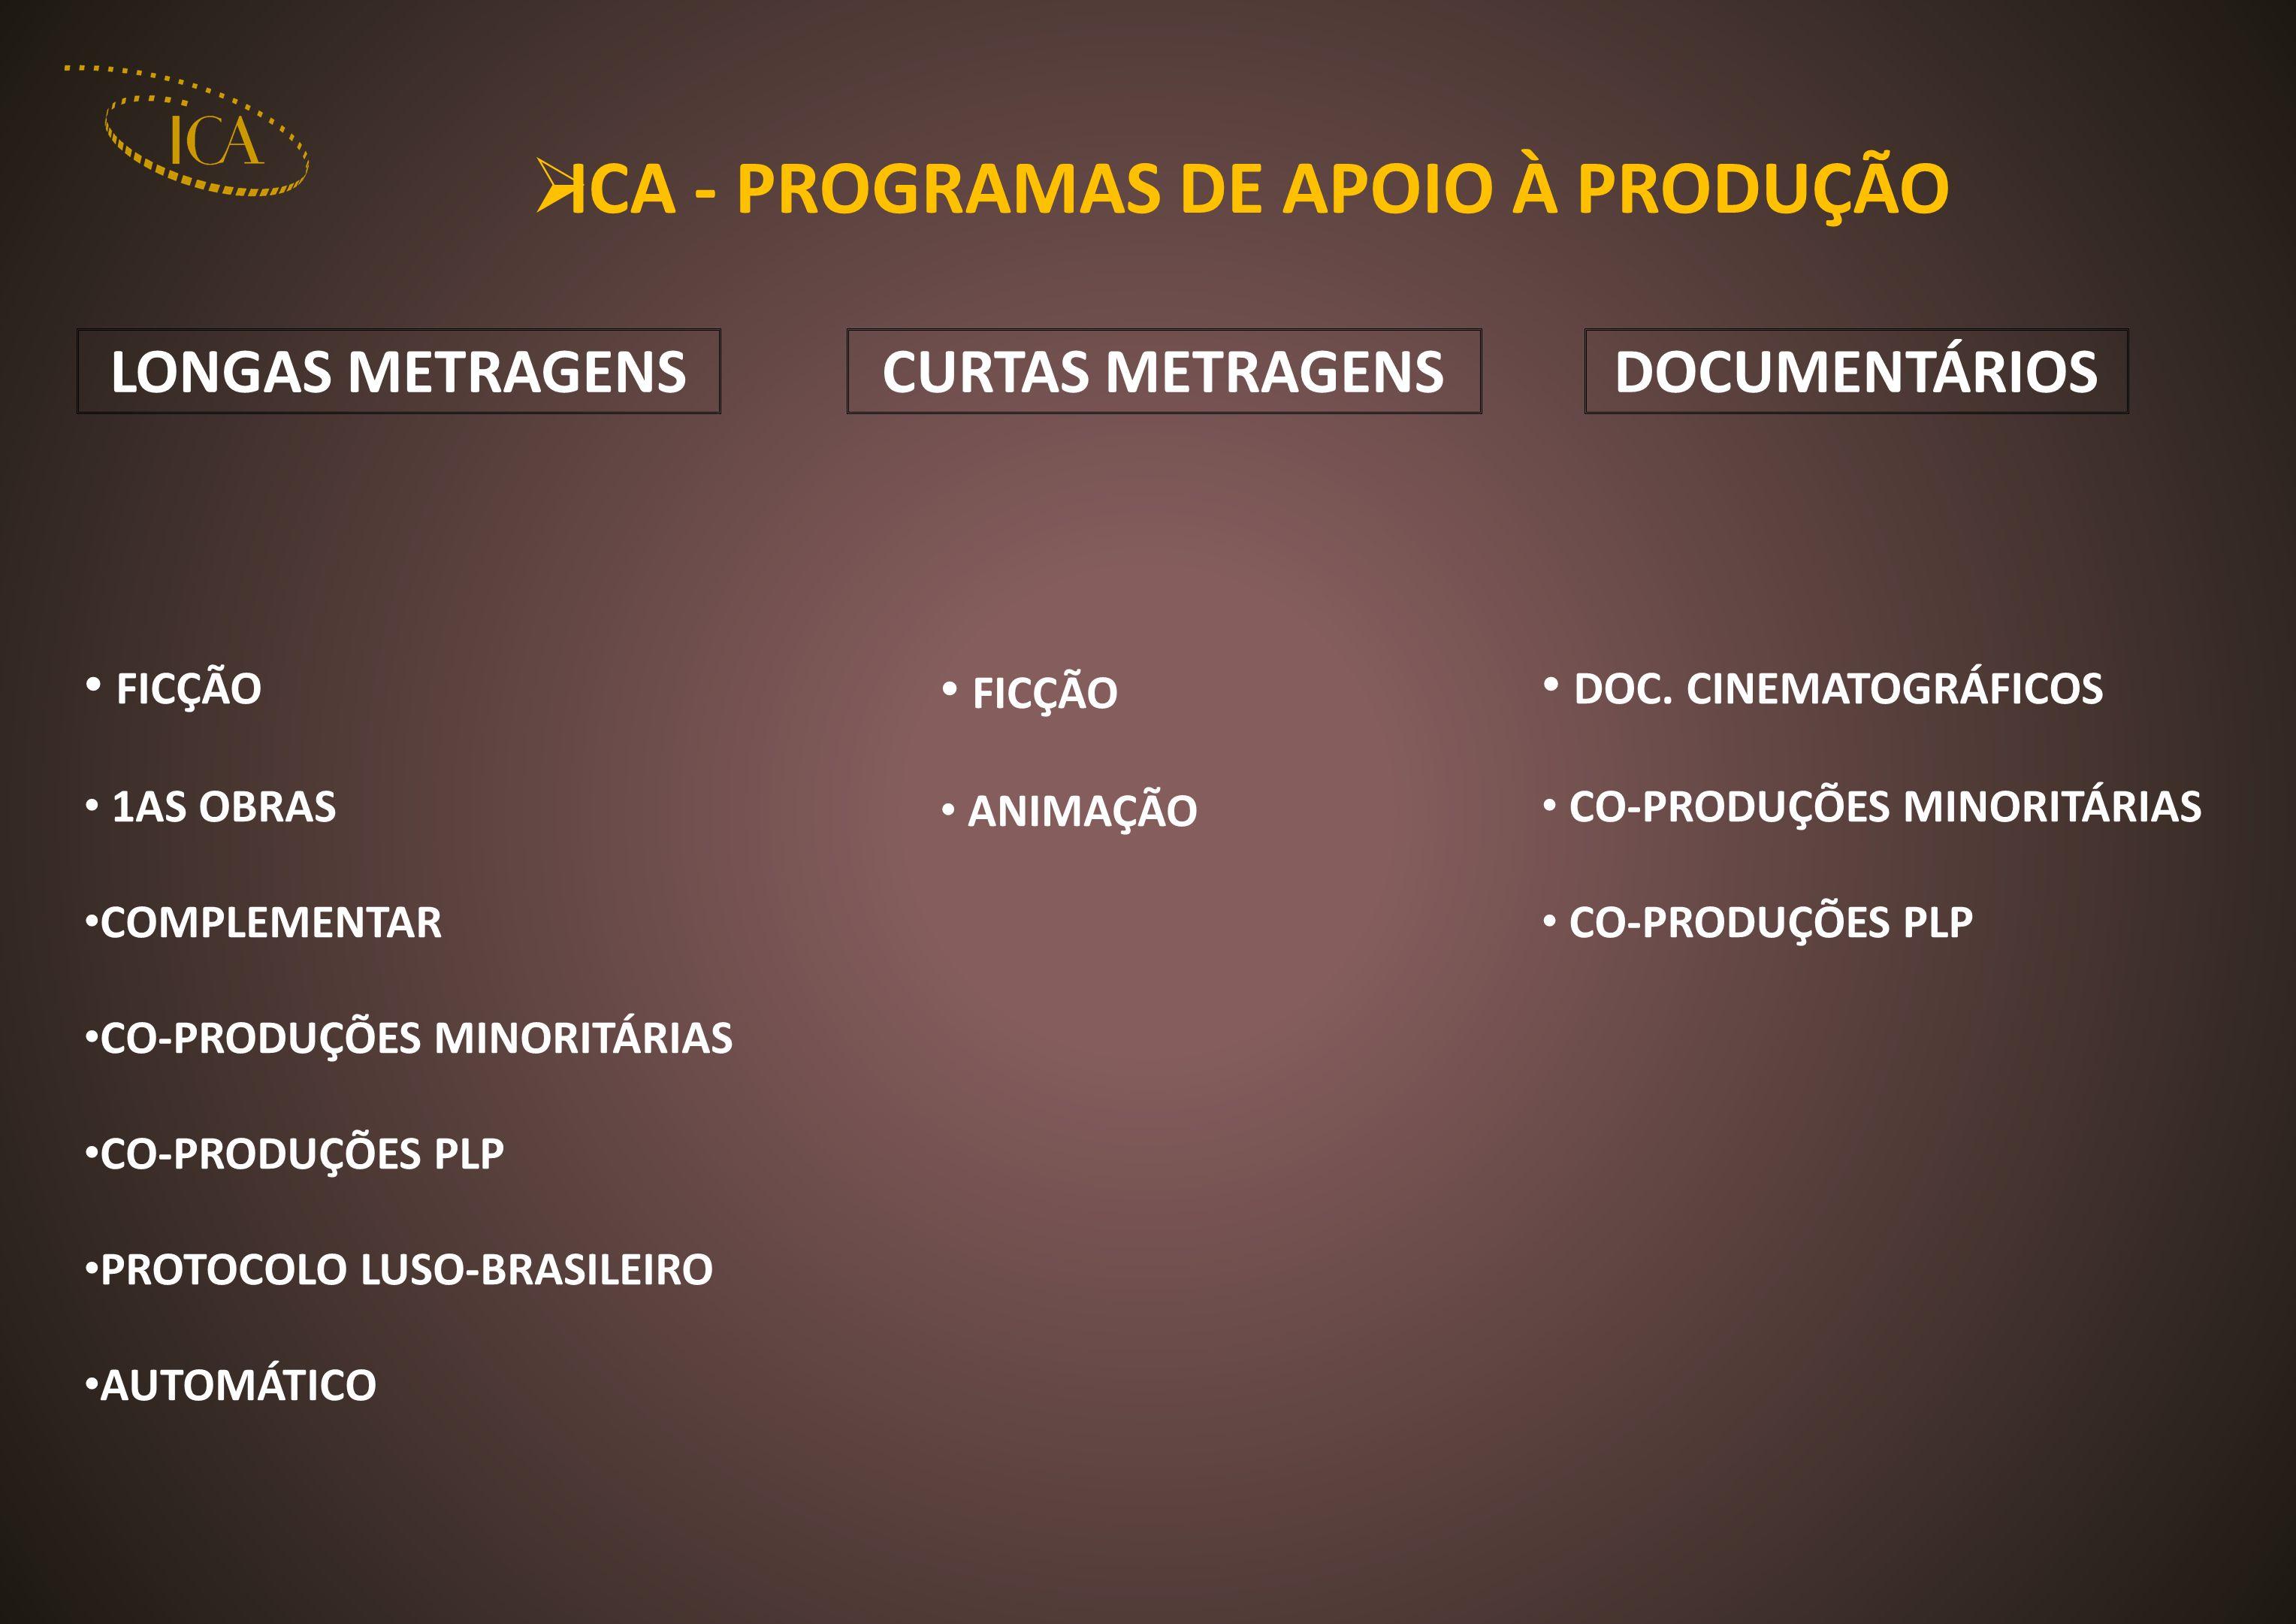 ICA - PROGRAMAS DE APOIO À PRODUÇÃO